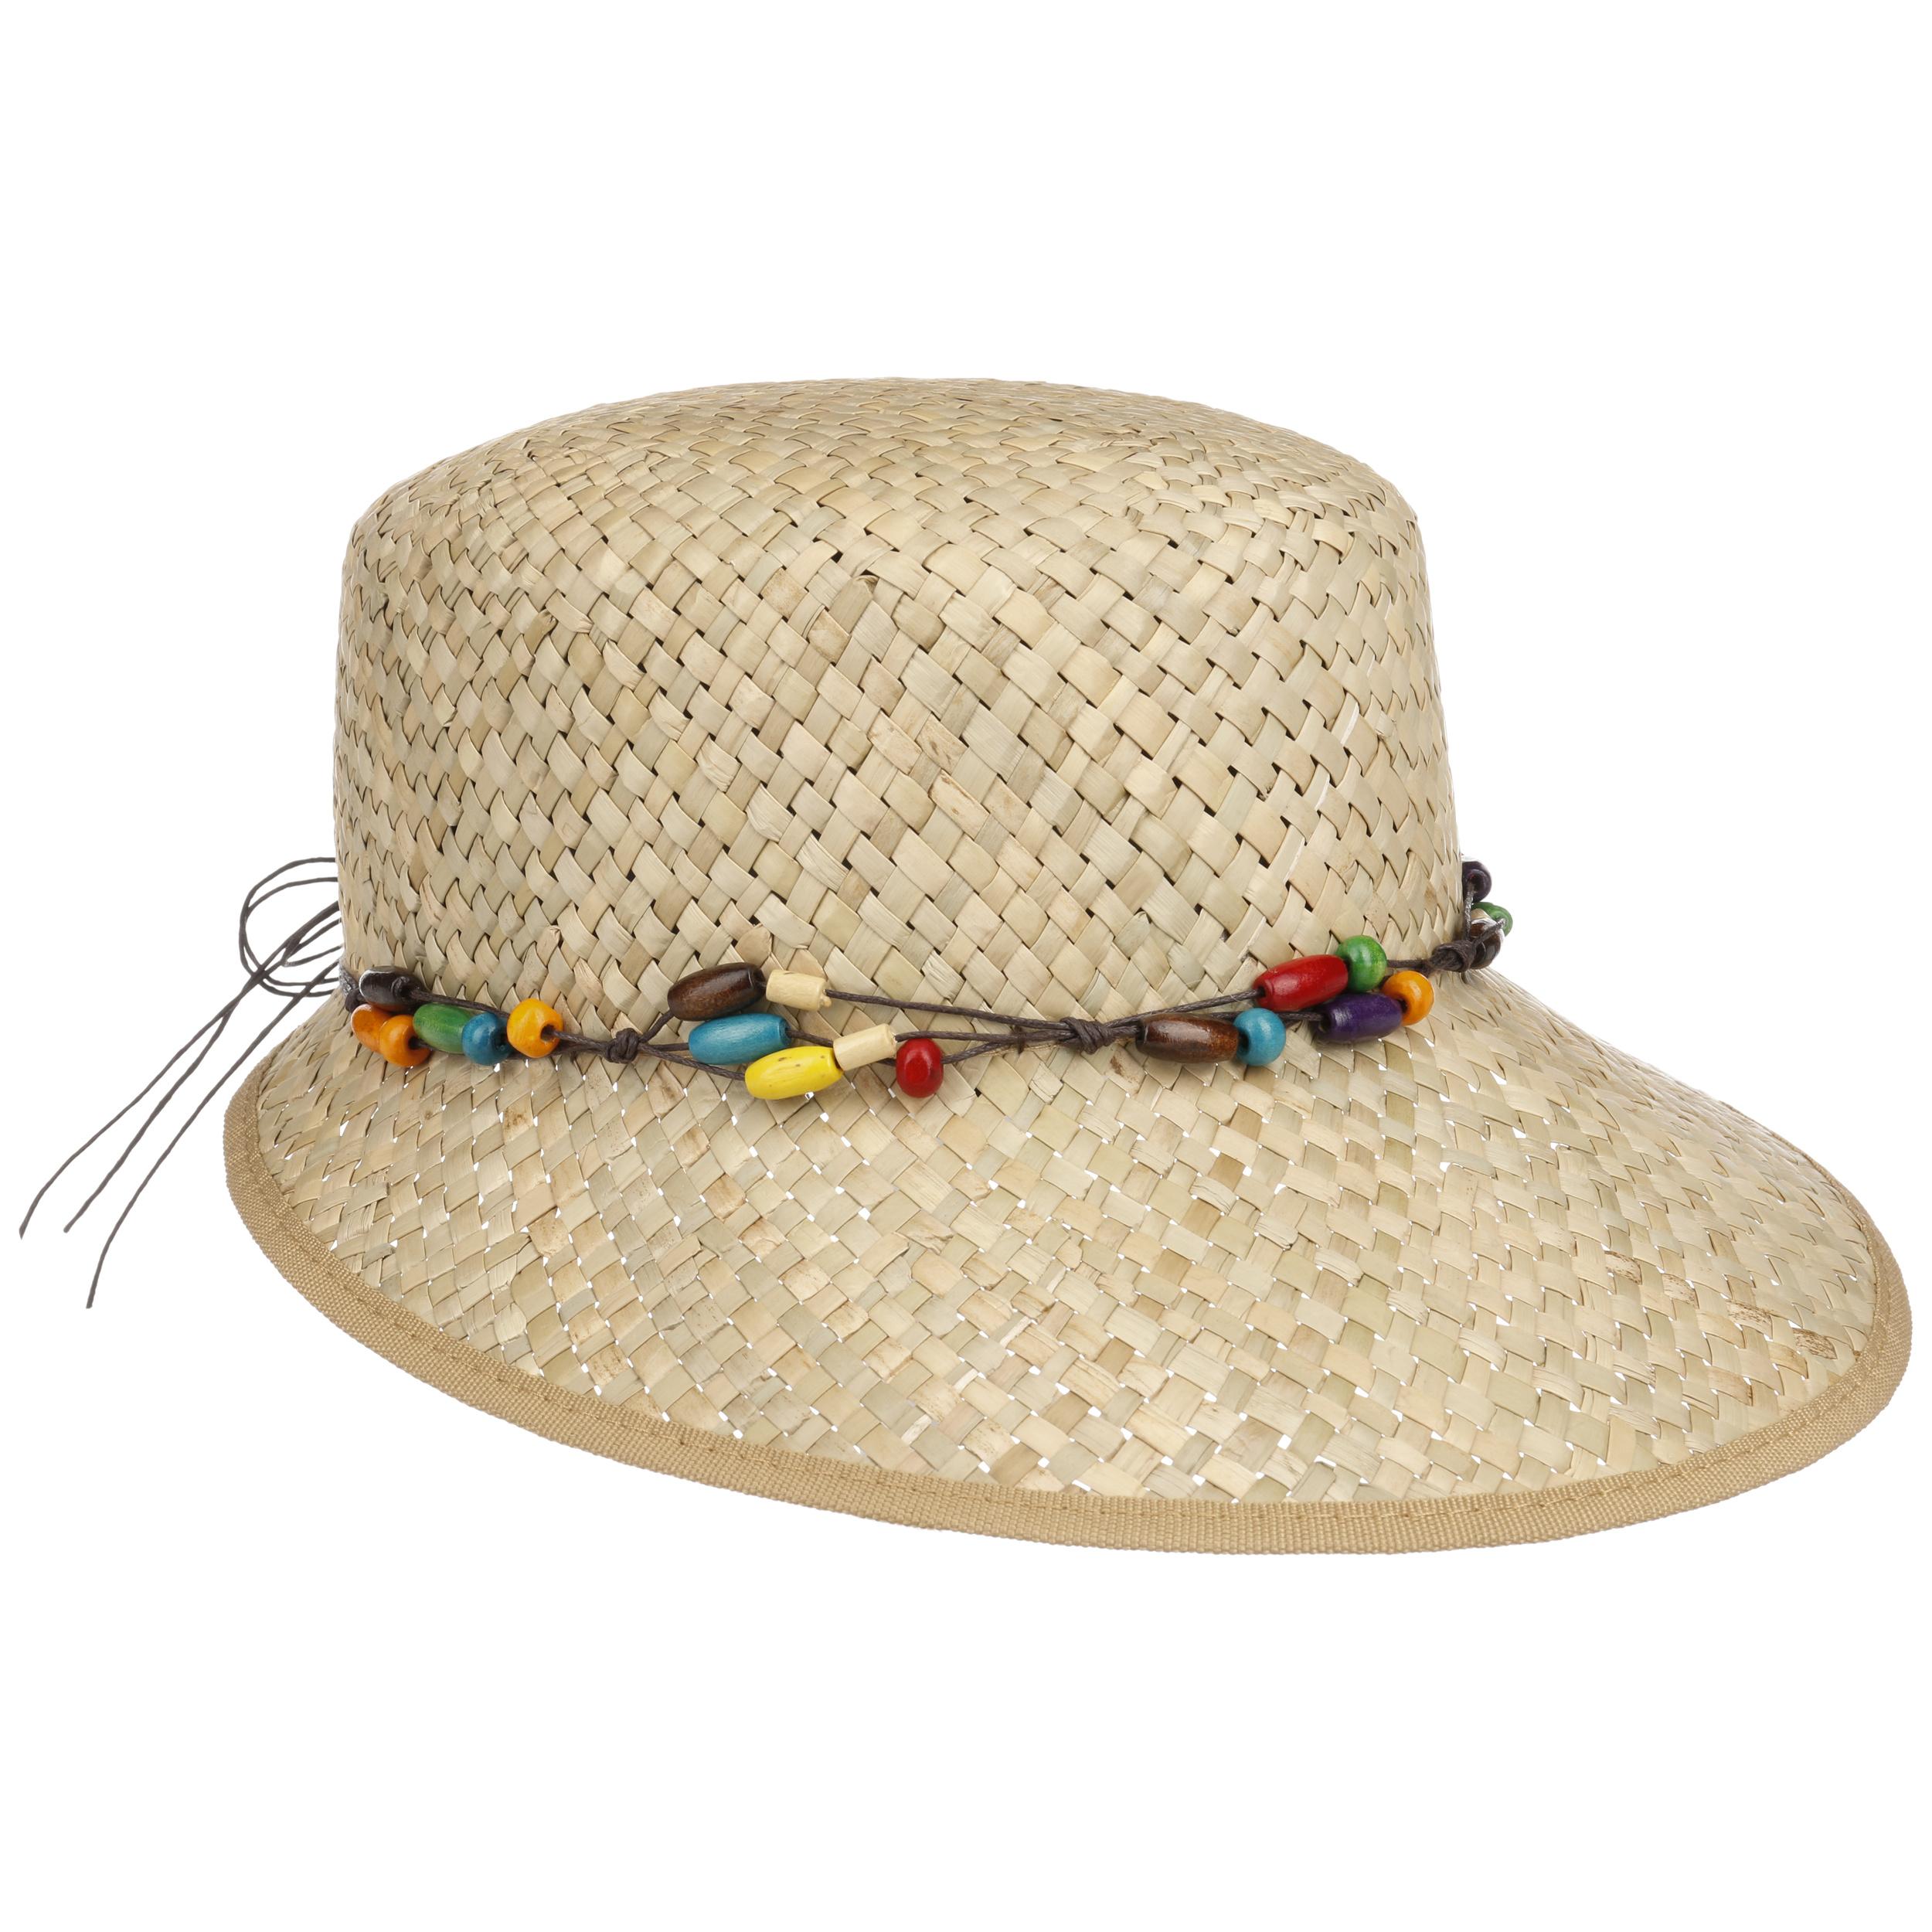 Cappello di Paglia Indila by Lipodo - 19,95